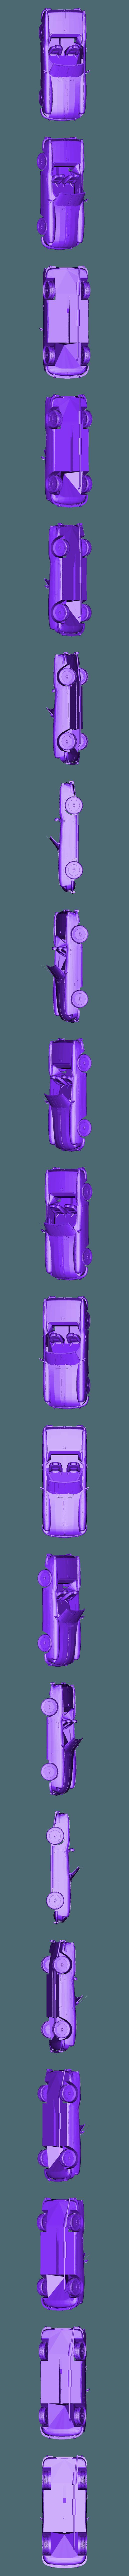 spitfire triumph.stl Télécharger fichier STL gratuit Triumph Spitfire • Objet à imprimer en 3D, filamentone